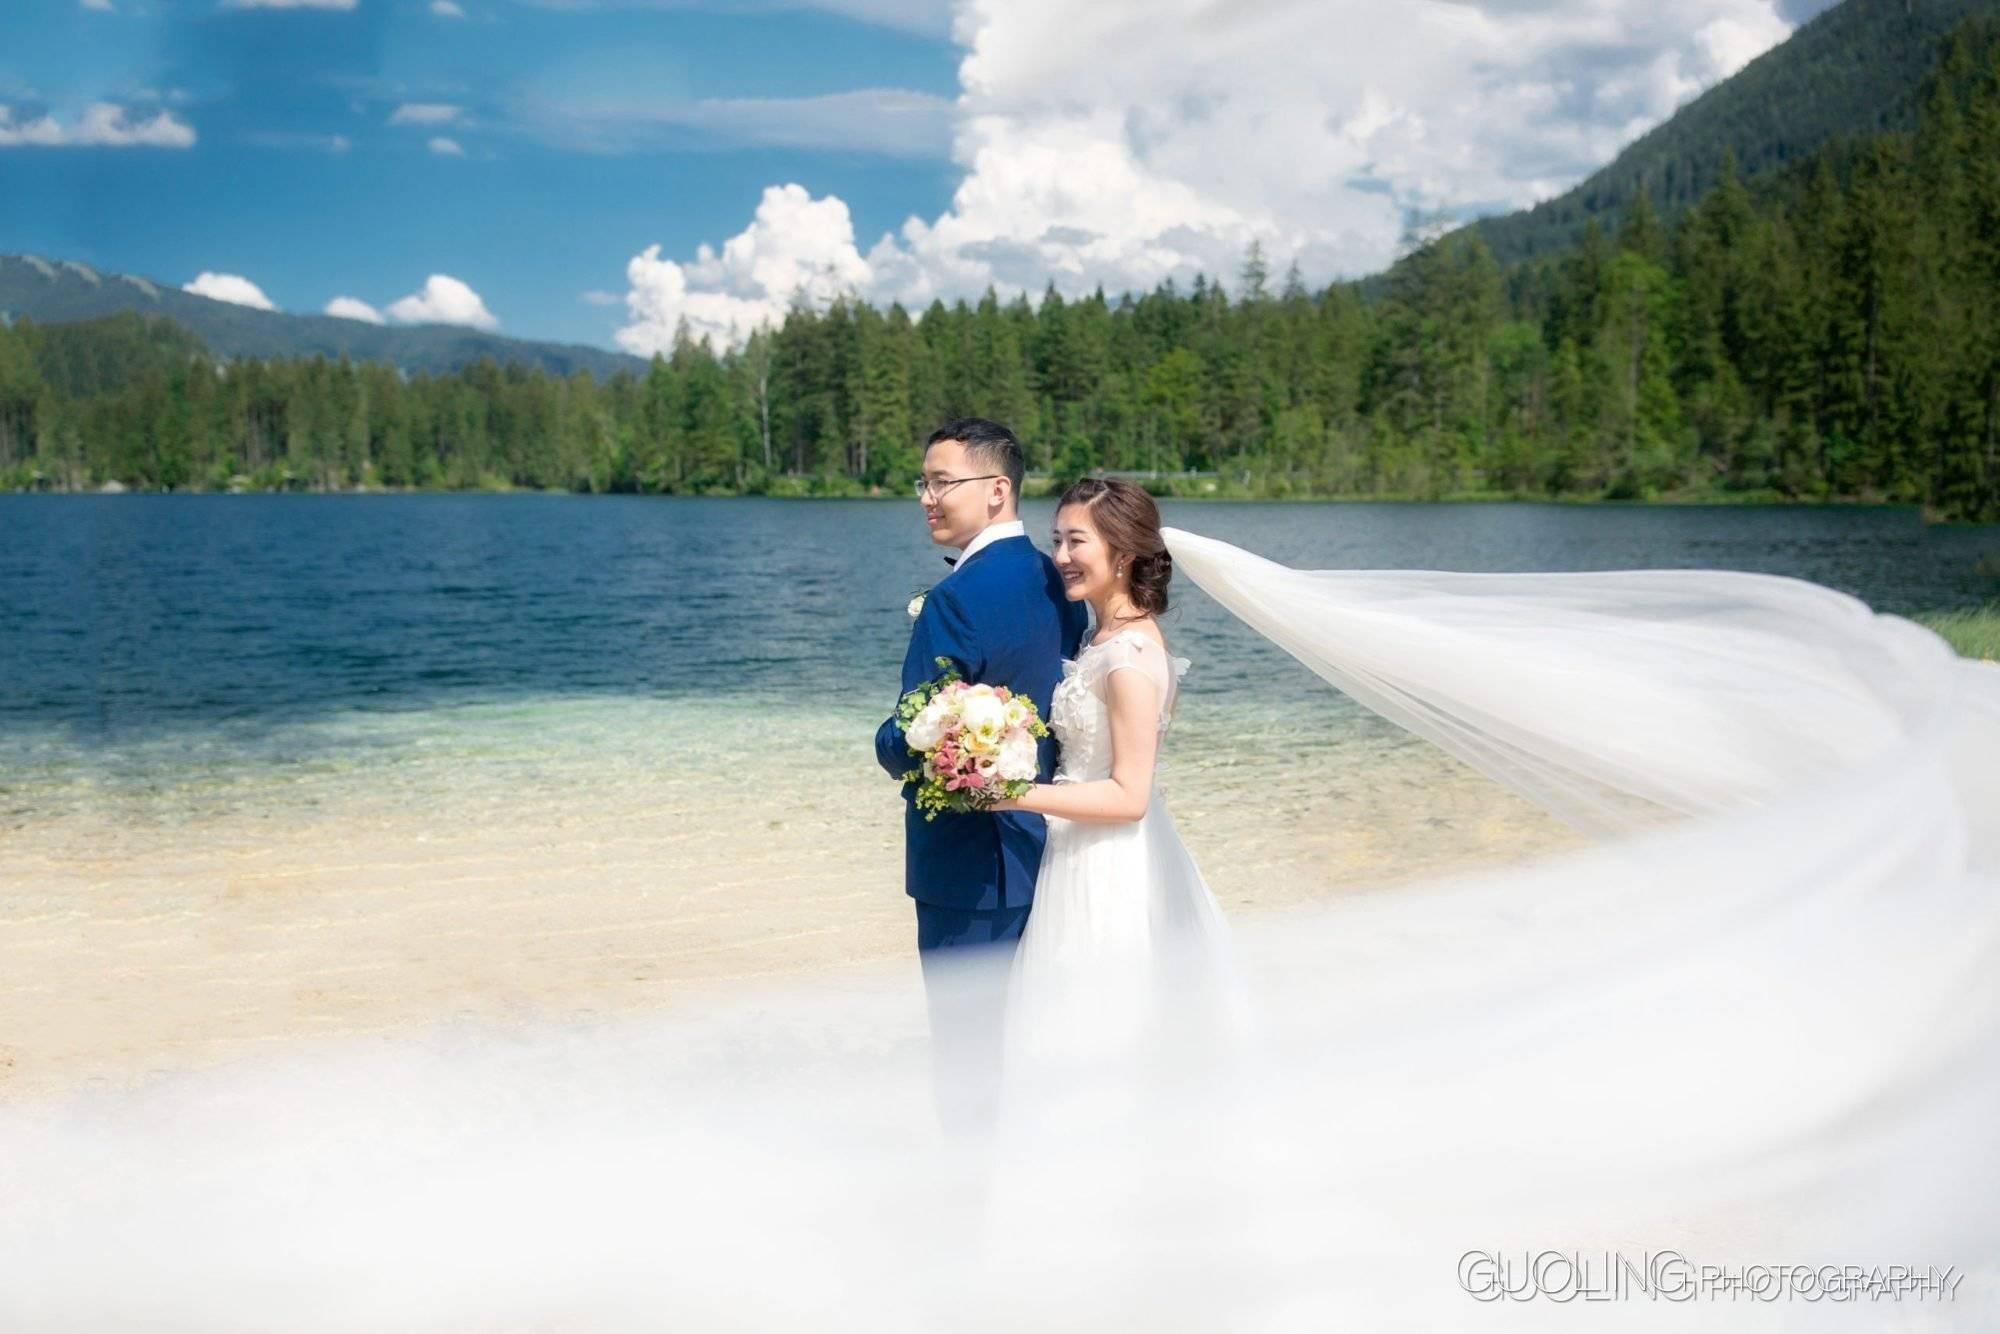 prewedding am koenigessee